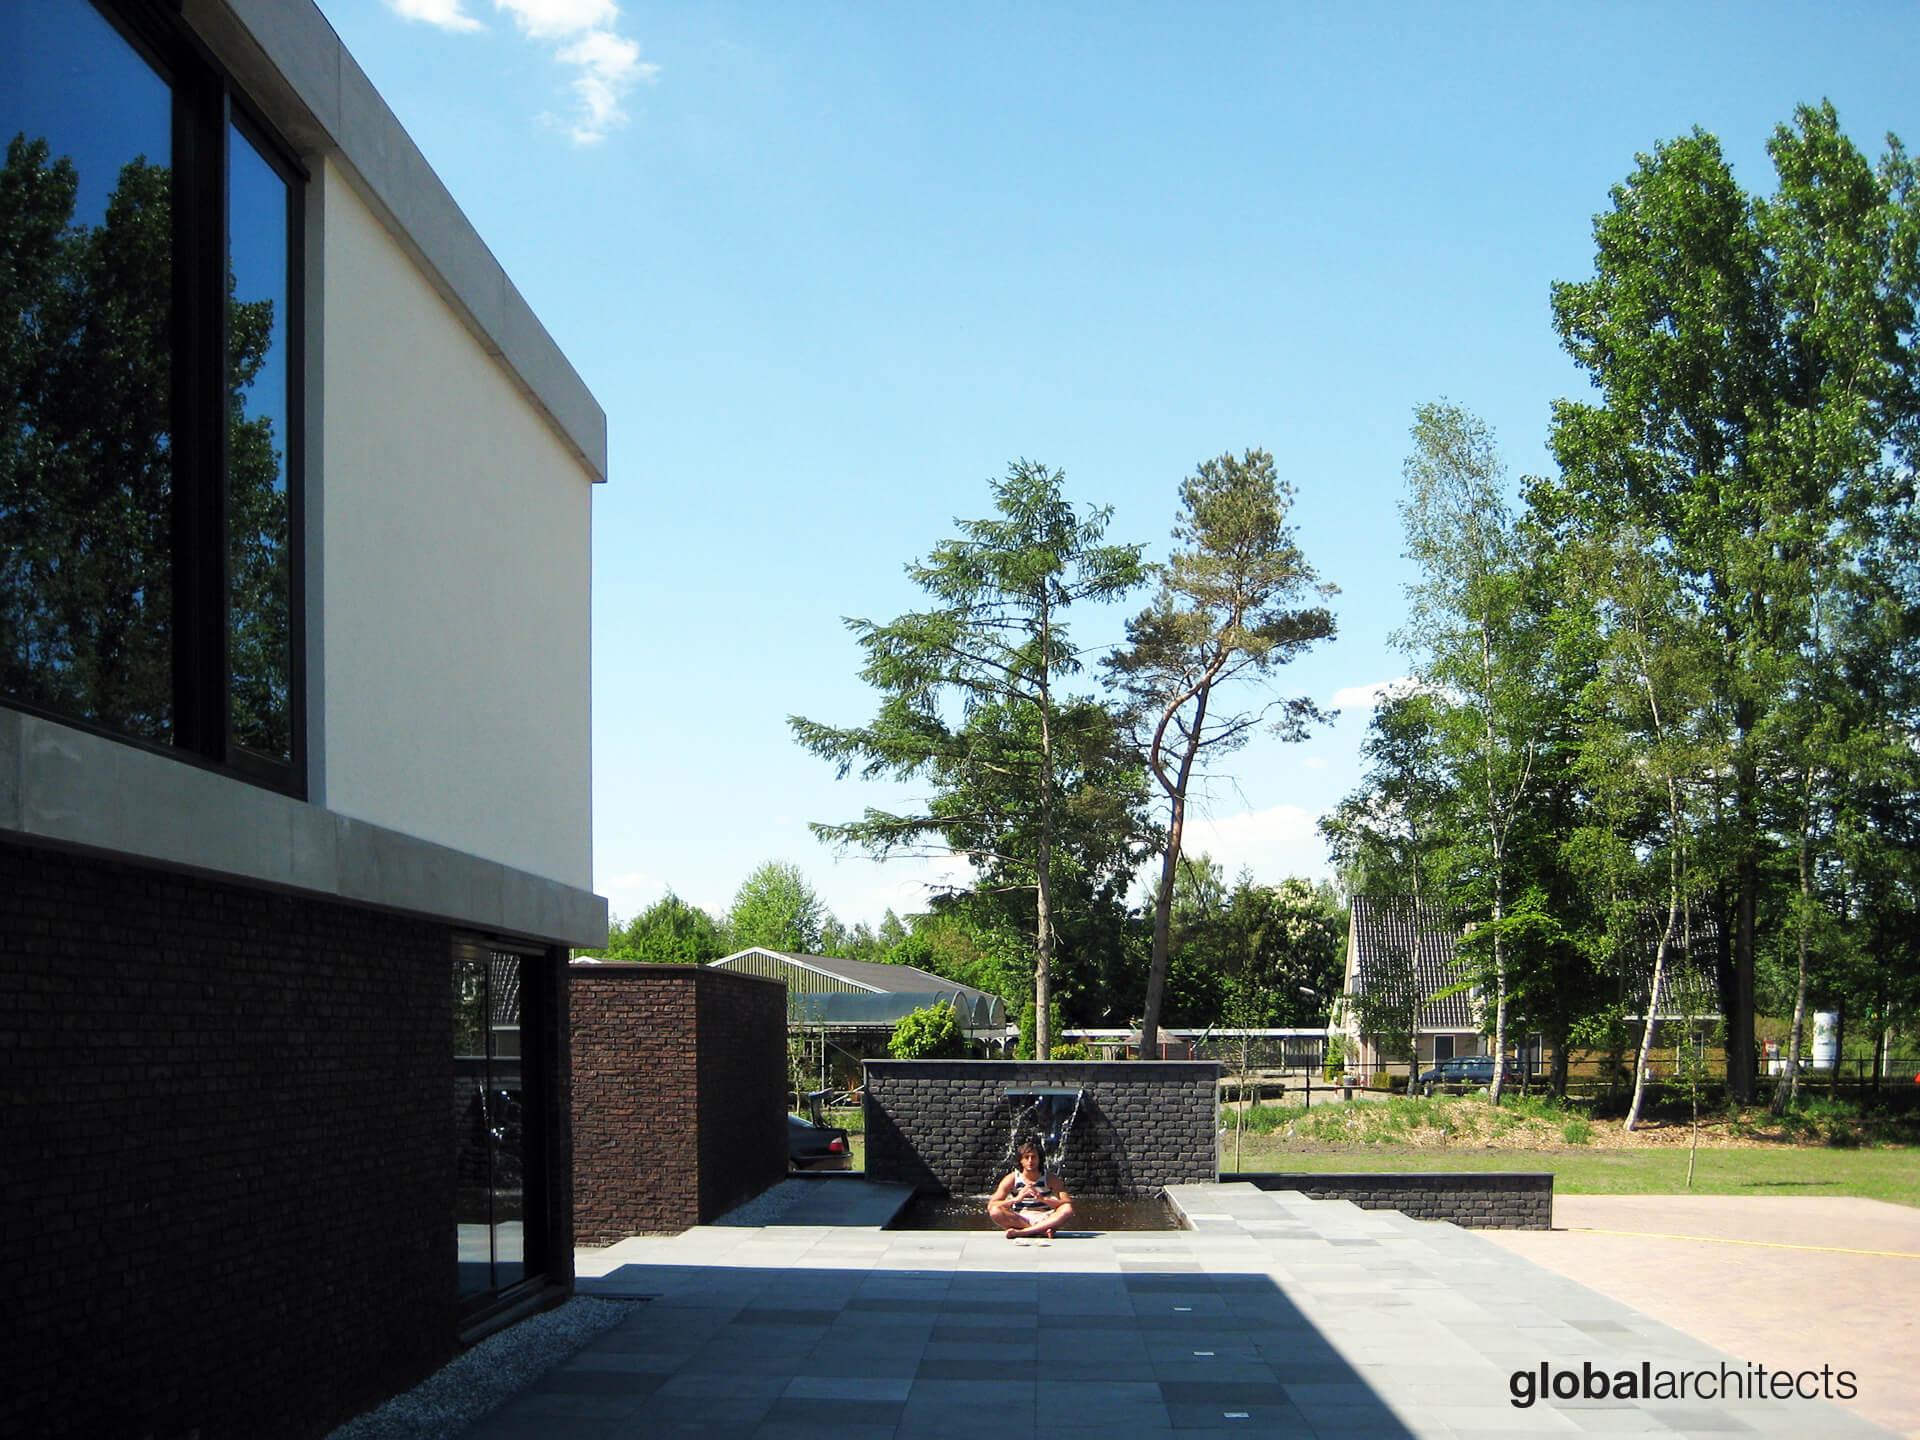 003 villa nijverdal zelfbouw droomhuis glas open architectuur modern